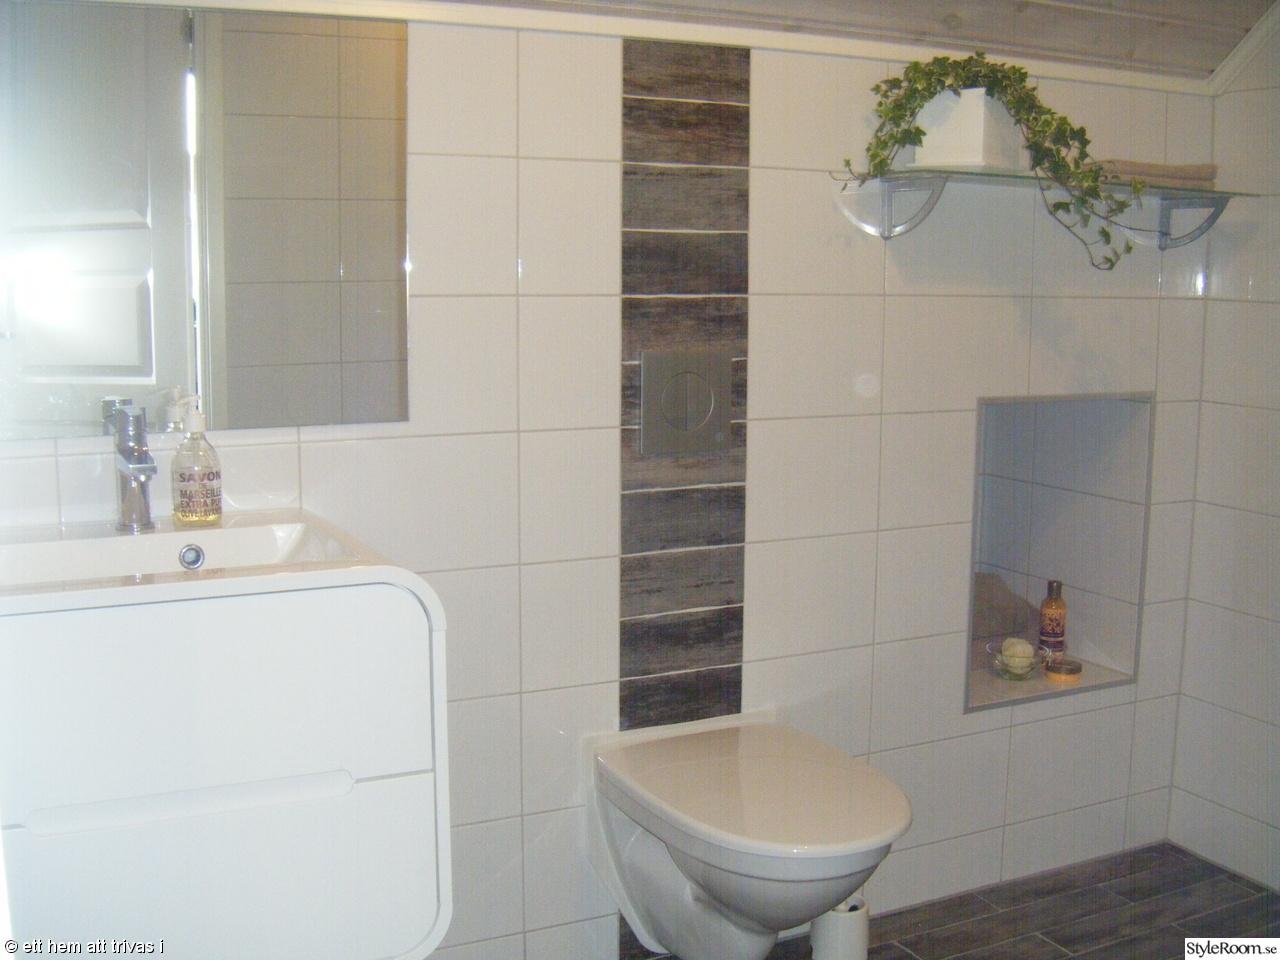 Badrum tvättställ kommod toalett   inspiration och idéer till ditt hem